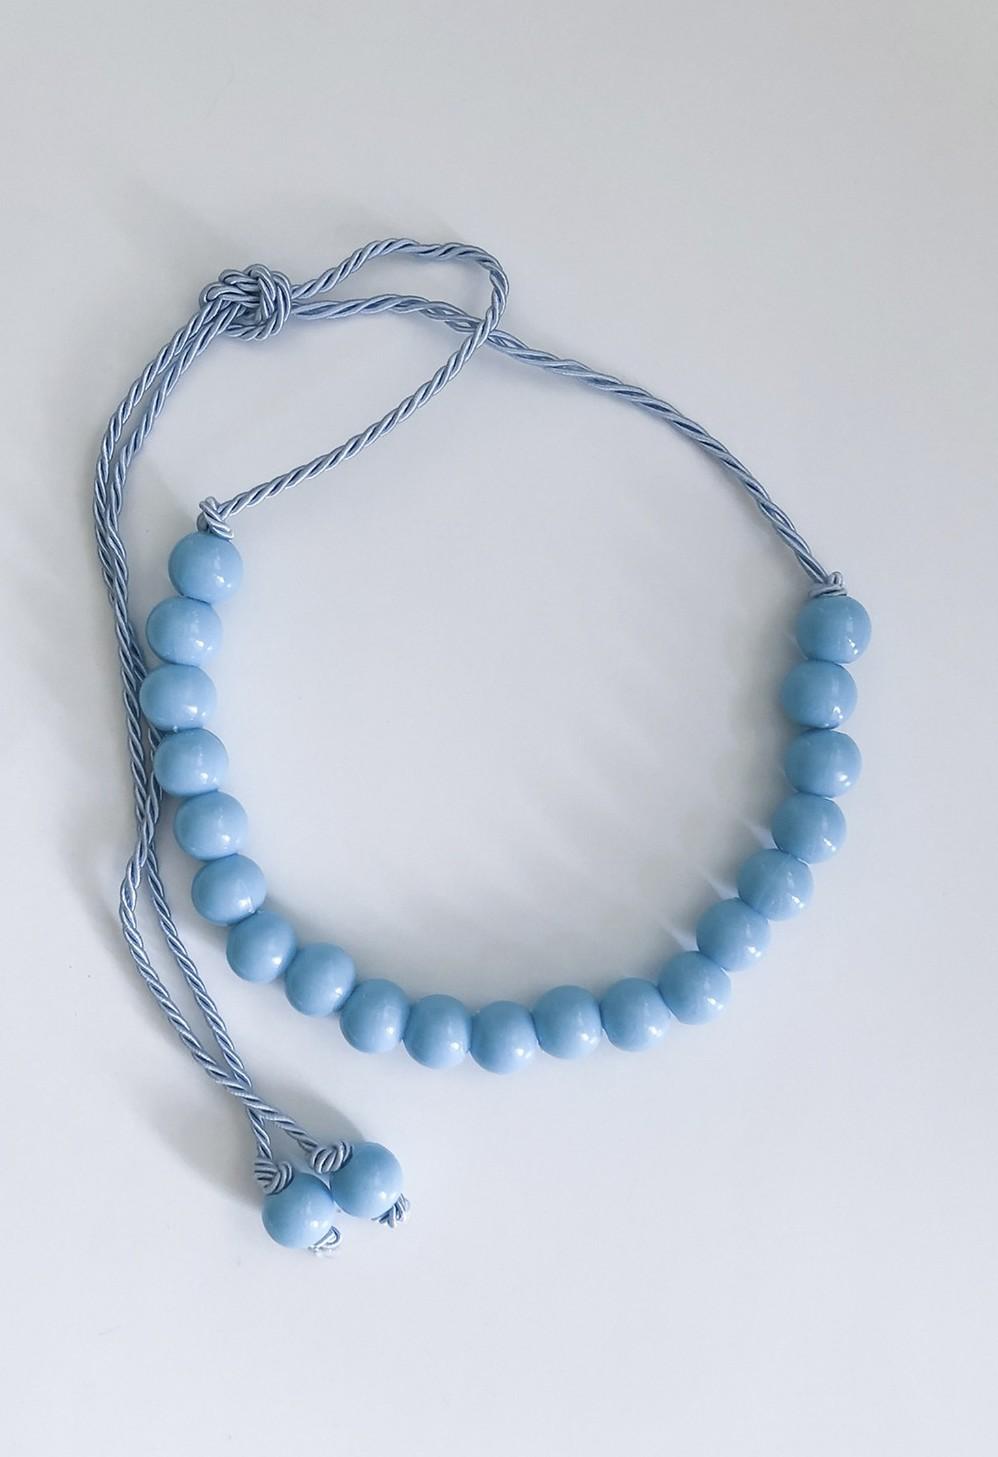 Cinto LUXO Corda e Bolas Esferas Azul Claro